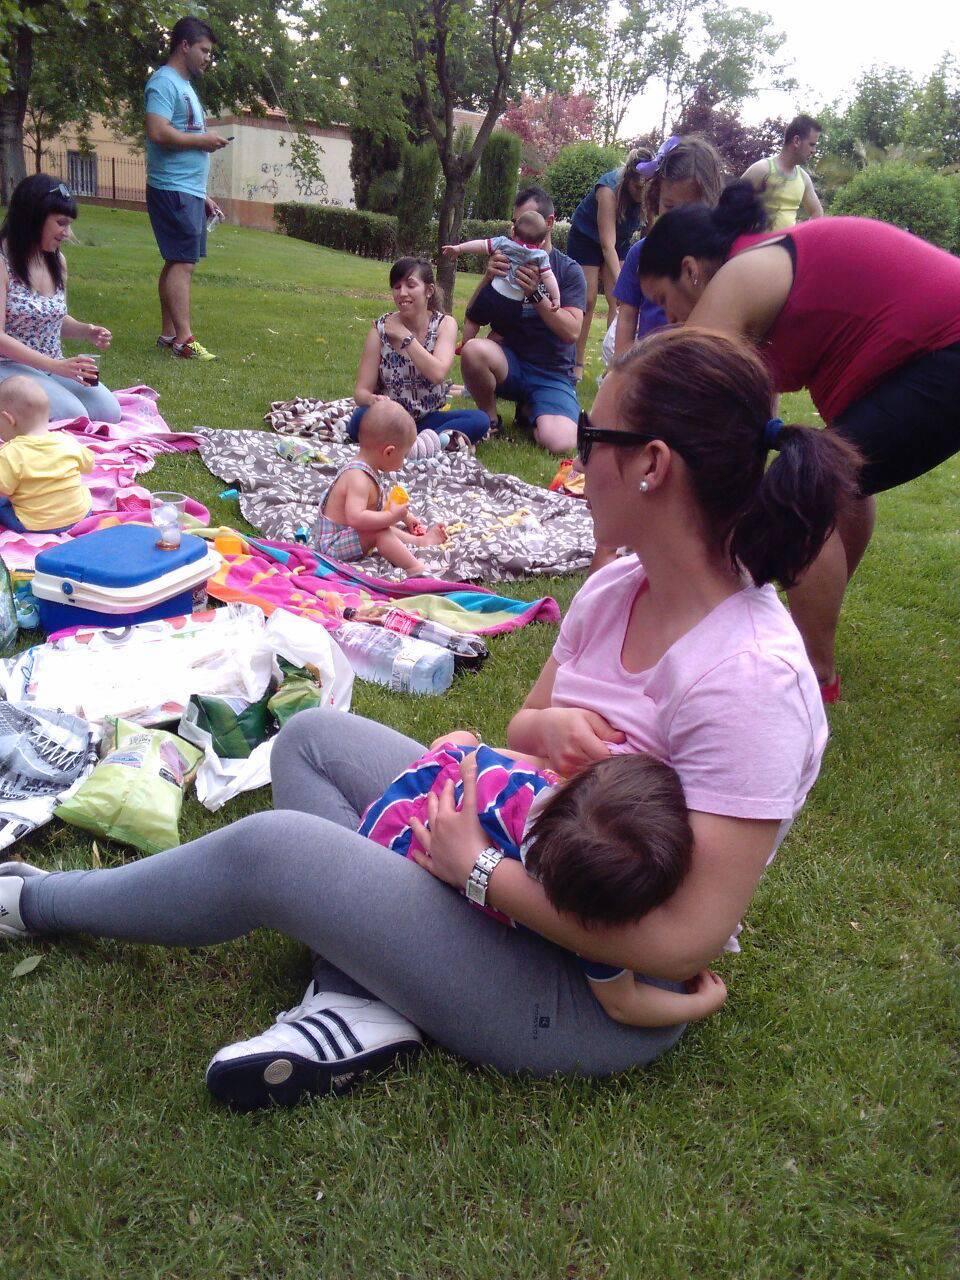 Convivencia en el parque del Grupo de Apoyo a la Lactancia Materna de Herencia c